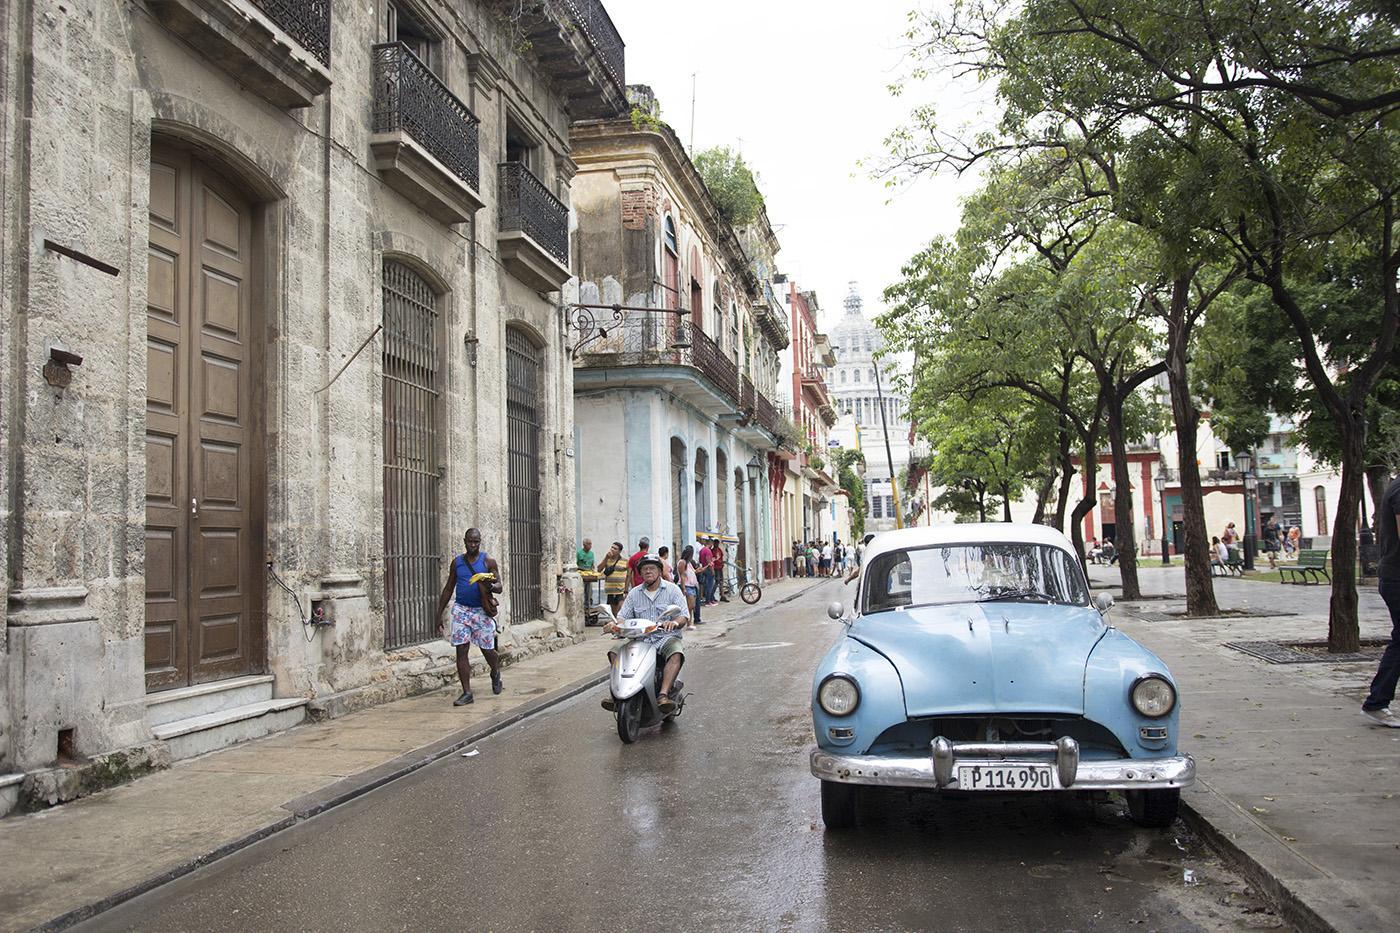 The Plaza de Cristo in Havana, Cuba. Photo: Brian Canelles